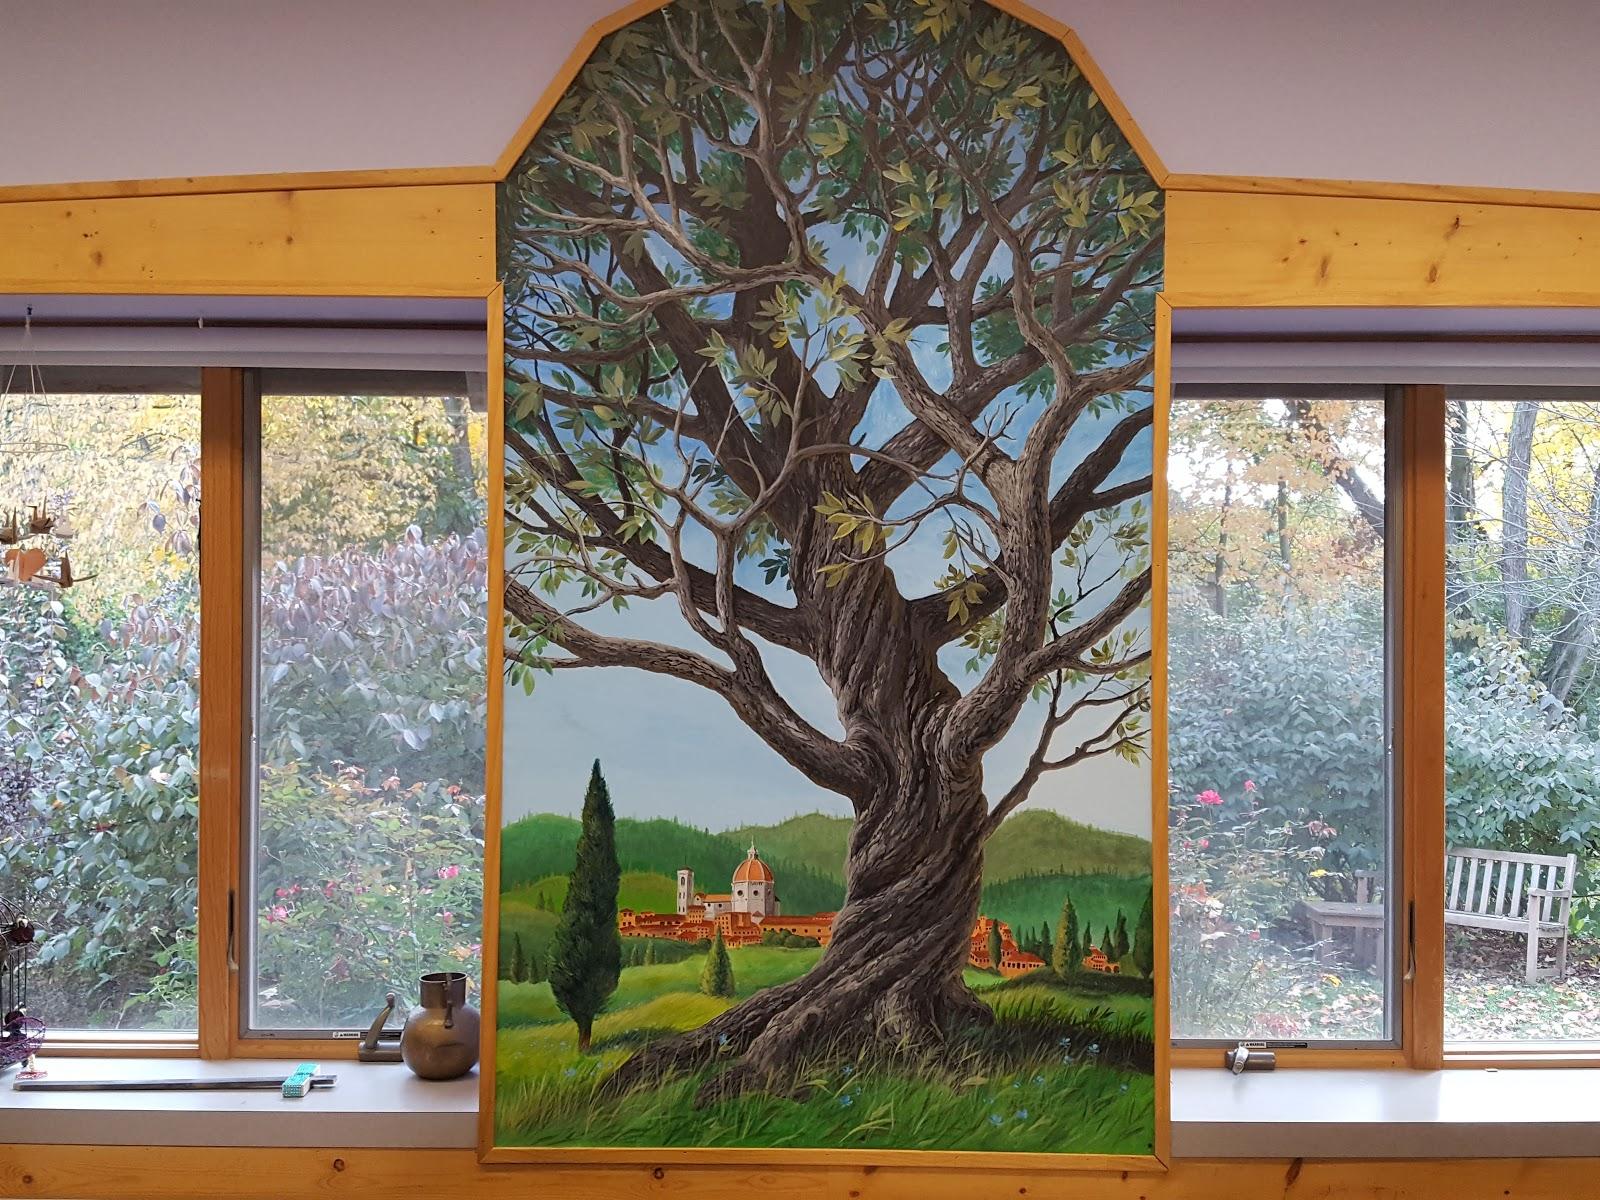 Tree mural between two windows